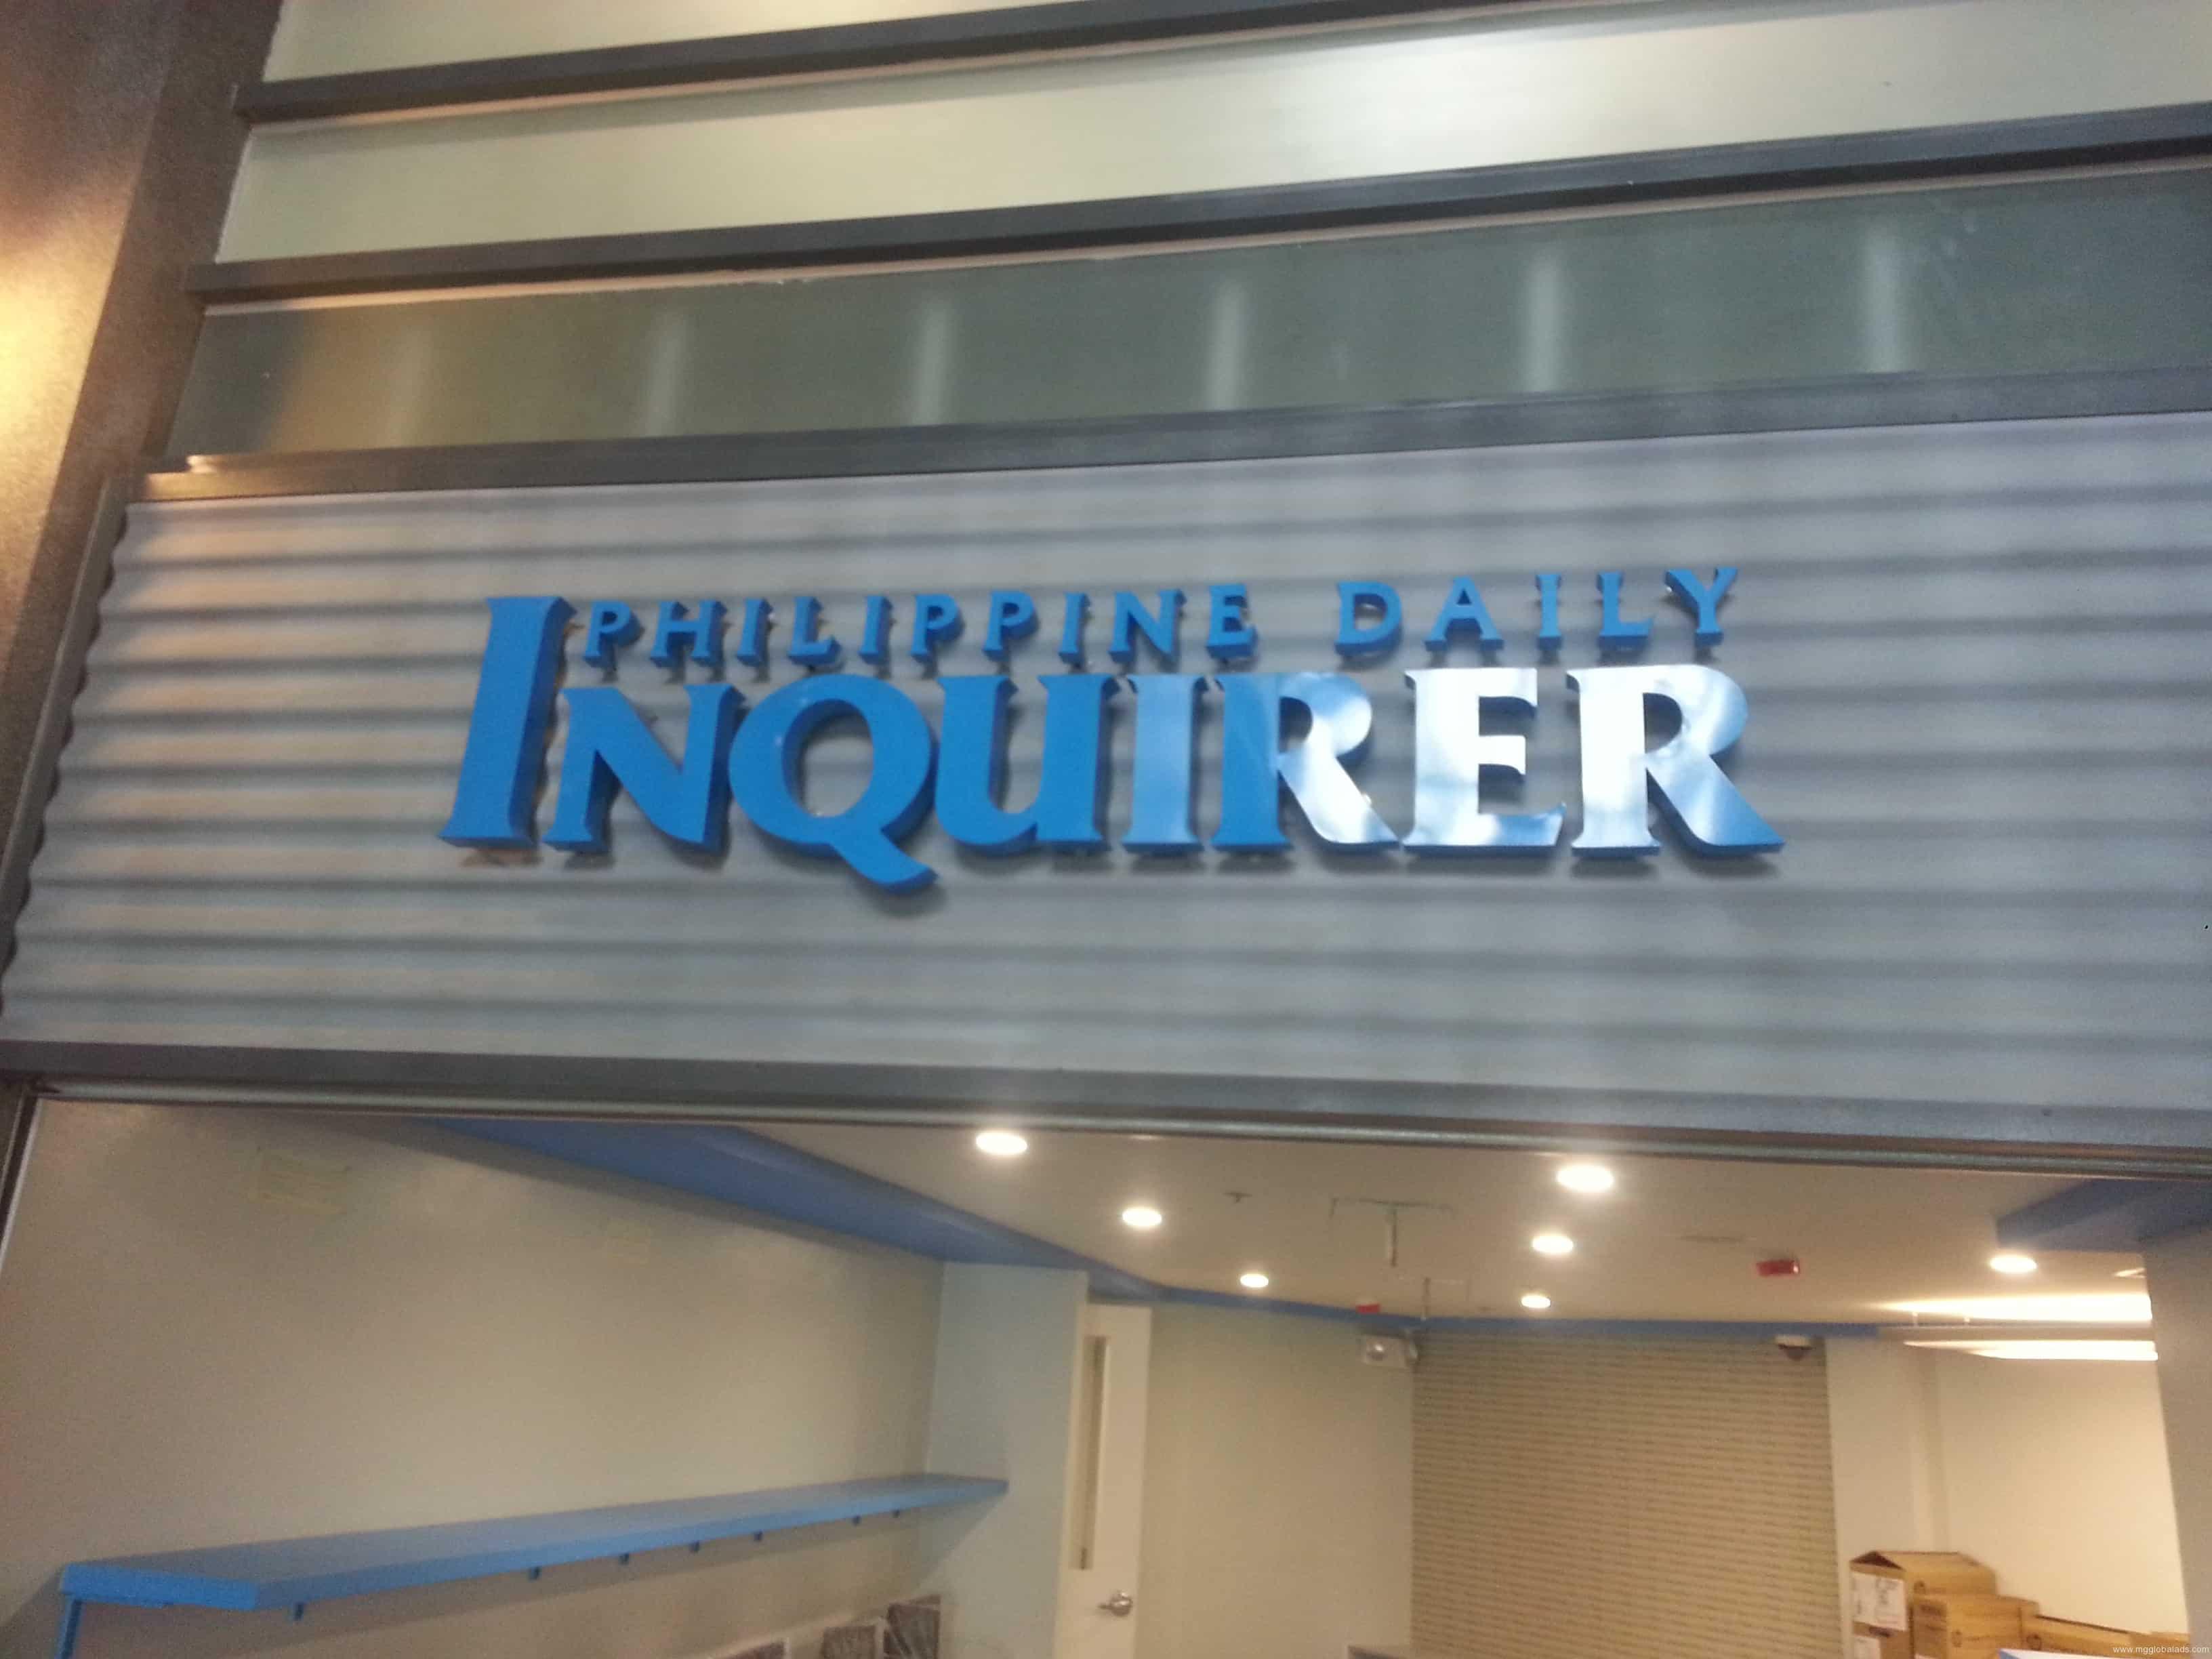 signage  acrylic signage  Inquirer